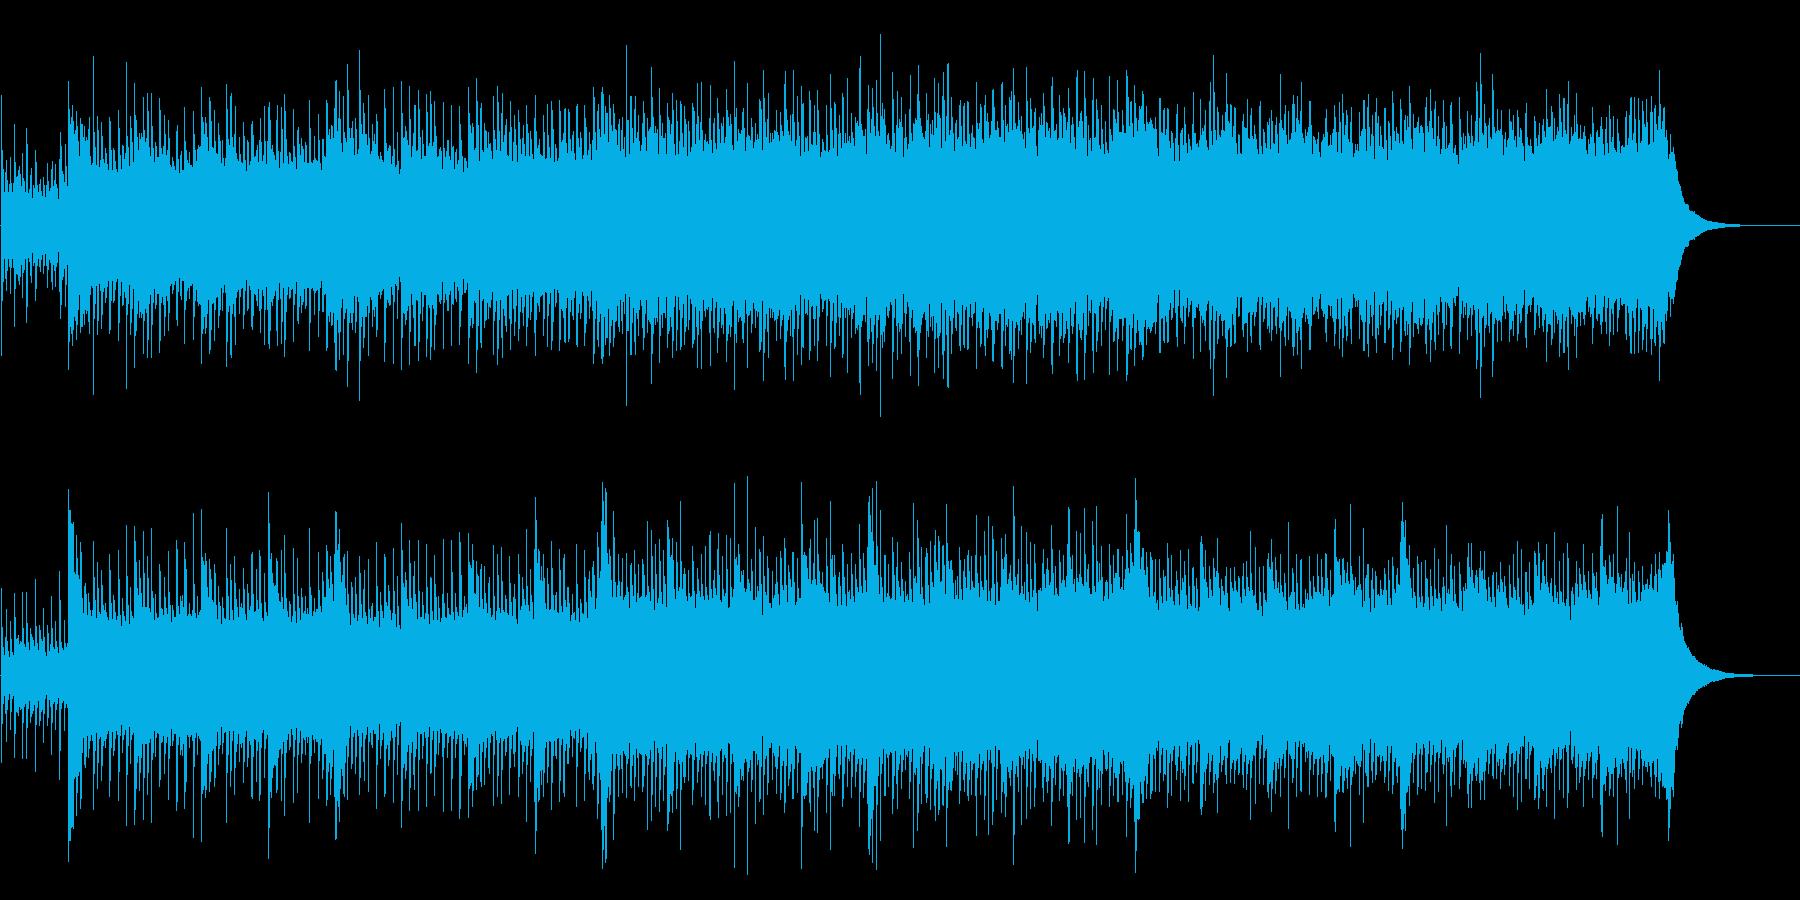 爽やかおしゃれな企業VP会社紹介 1分半の再生済みの波形